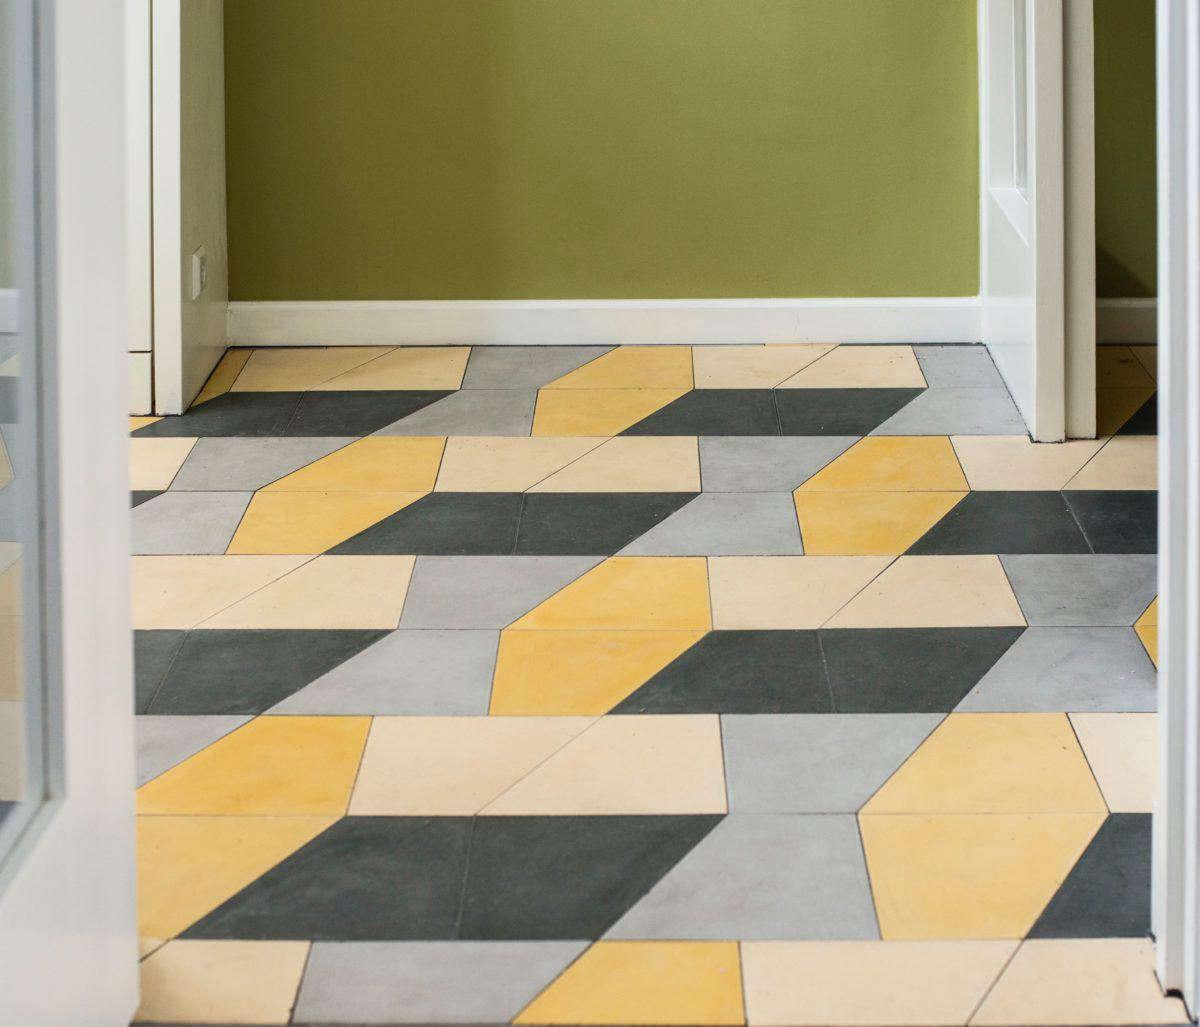 Huguet Cement Tile Handmade On Mallorca Since 1933 Remodelista